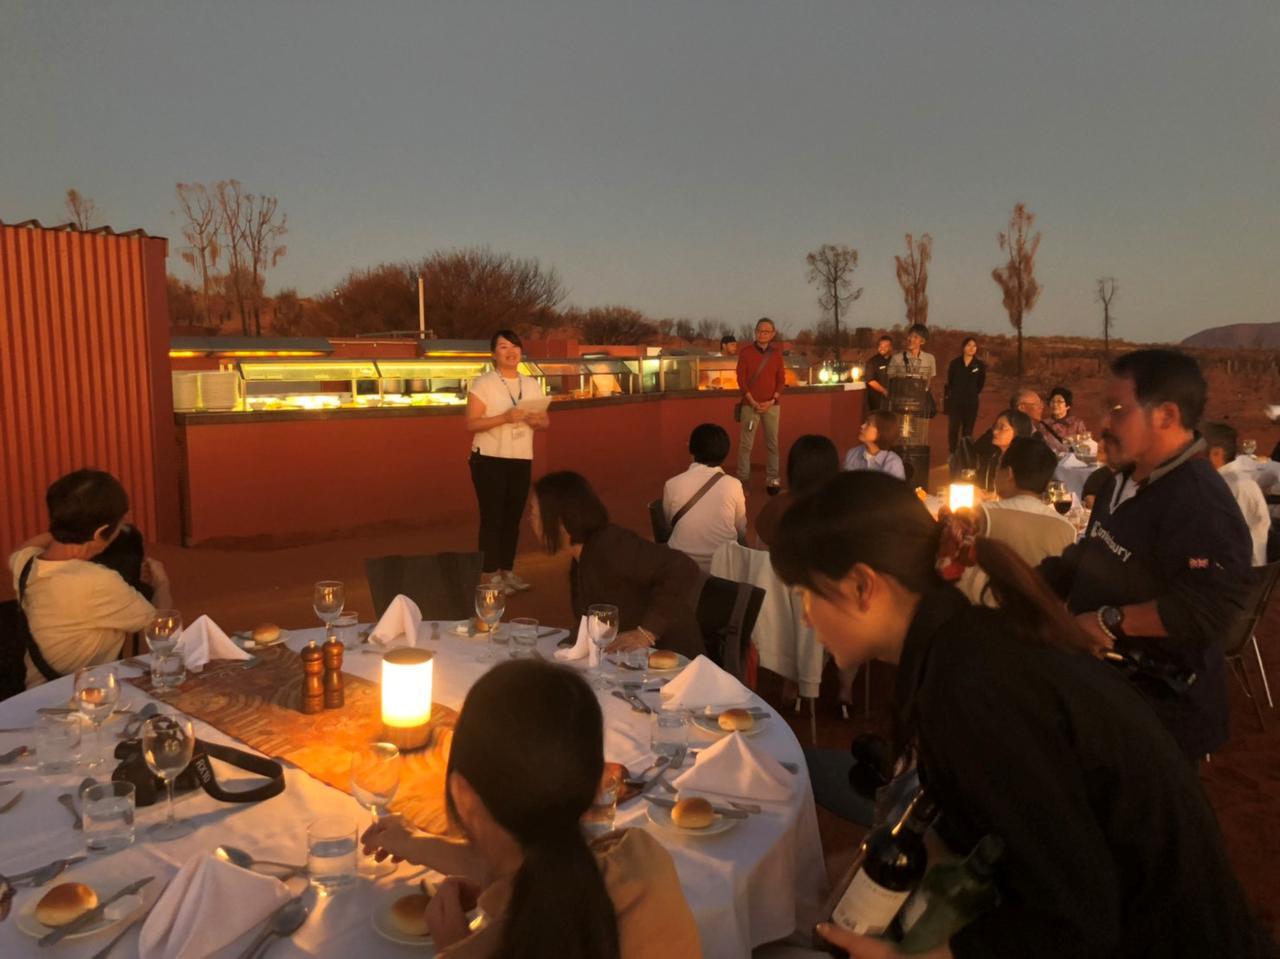 画像: 夕食はクラブツーリズム貸切の野外ディナー「サウンド・オブ・サイレンス」です! 企画担当の大熊よりご参加の皆様にご挨拶申し上げました。